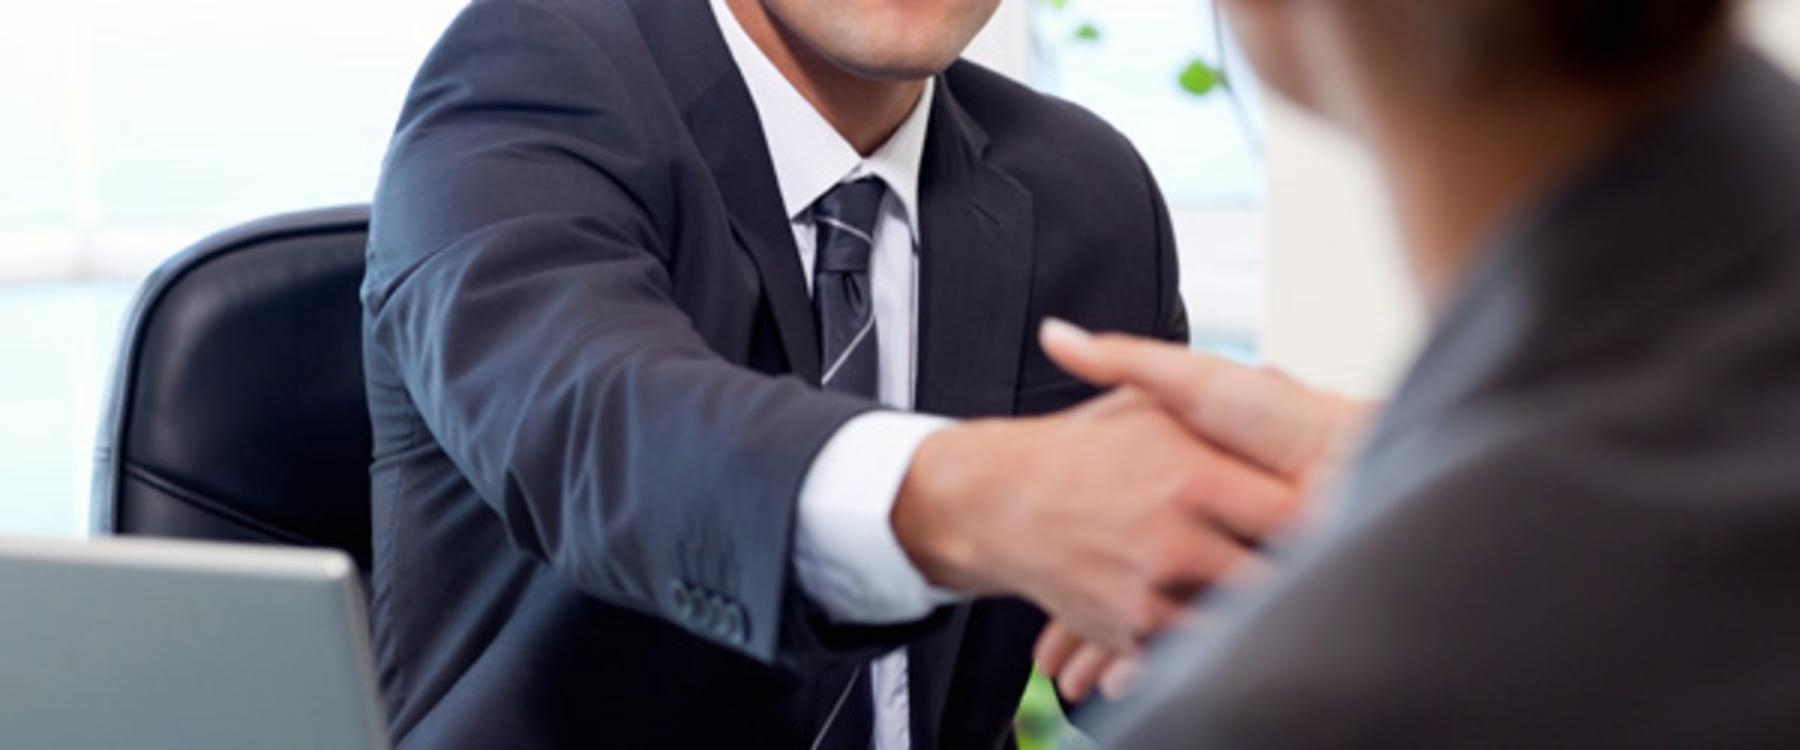 Agente di commercio offerte lavoro - Offerte di lavoro piastrellista milano ...